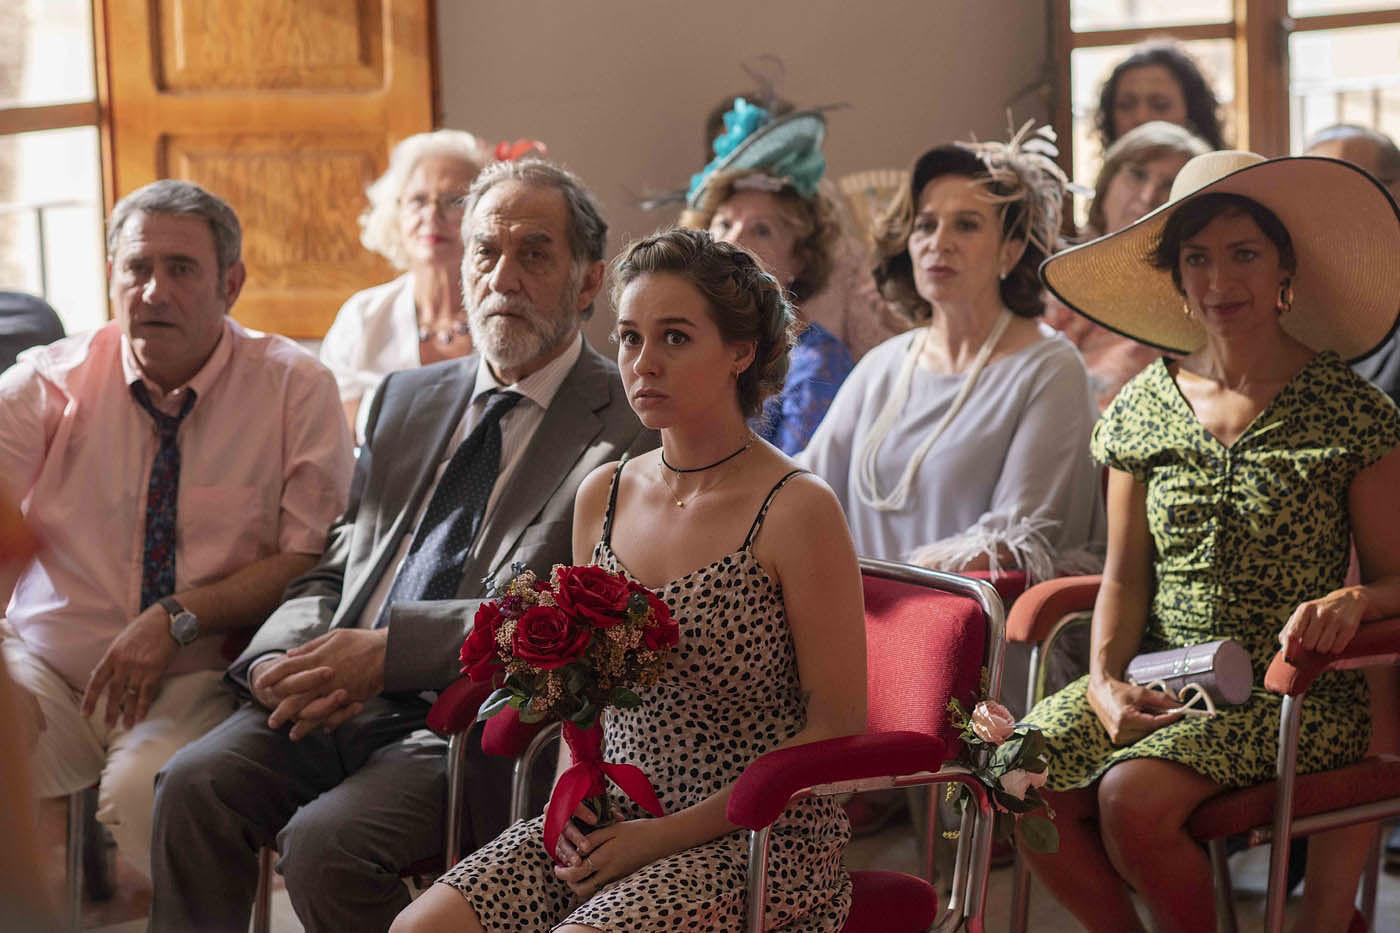 La boda de Rosa. Icíar Bollaín. Ciclo Inéditos. OUFF